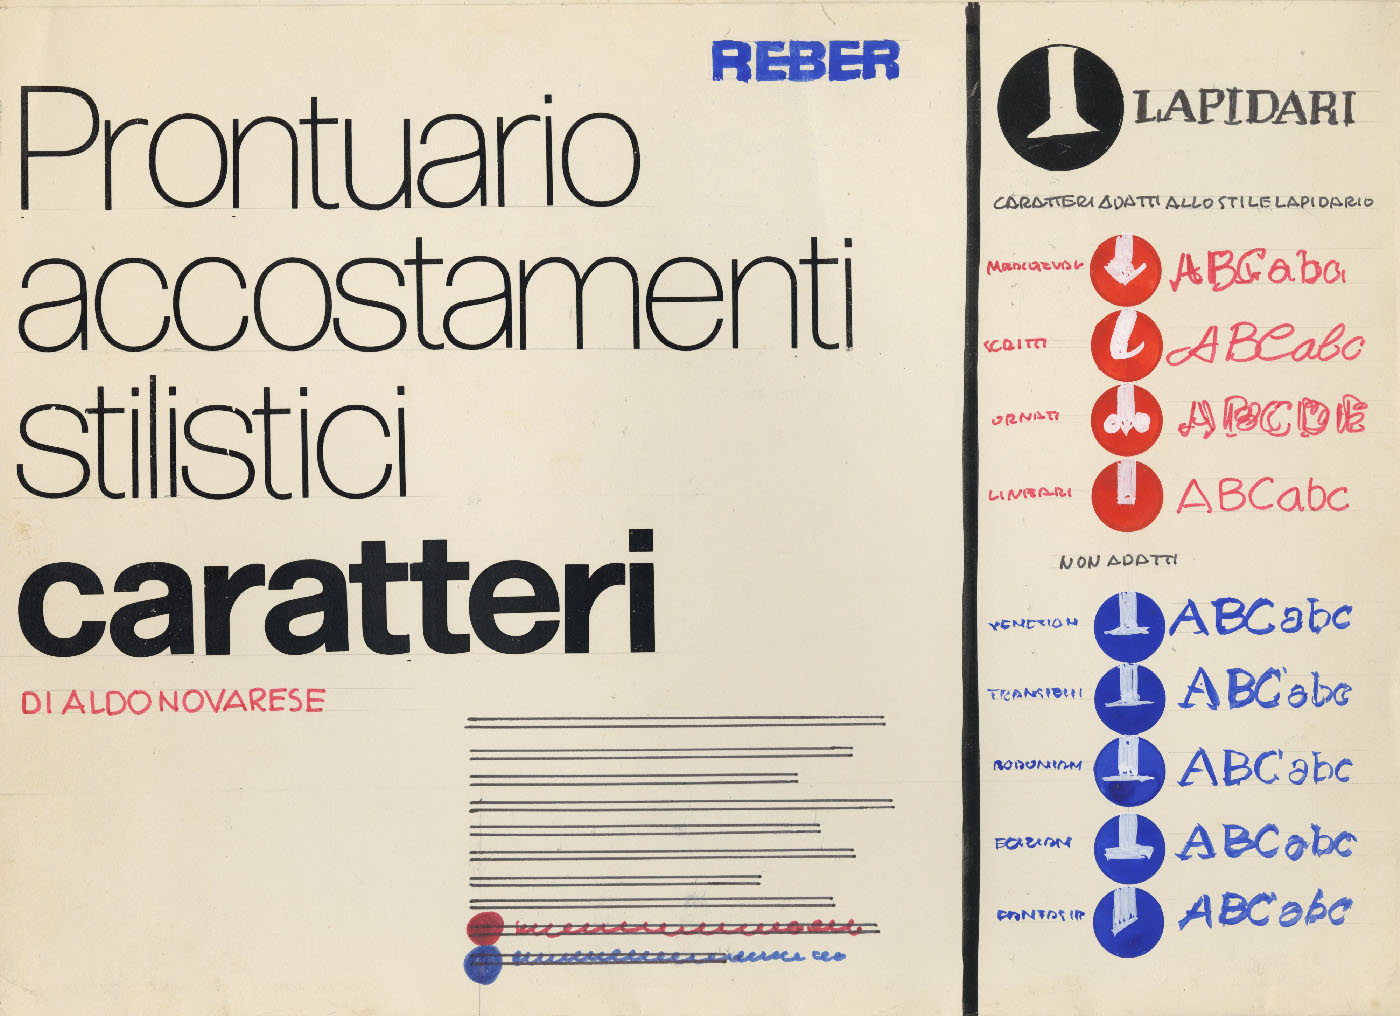 Prontuario_accostamenti_stilistici